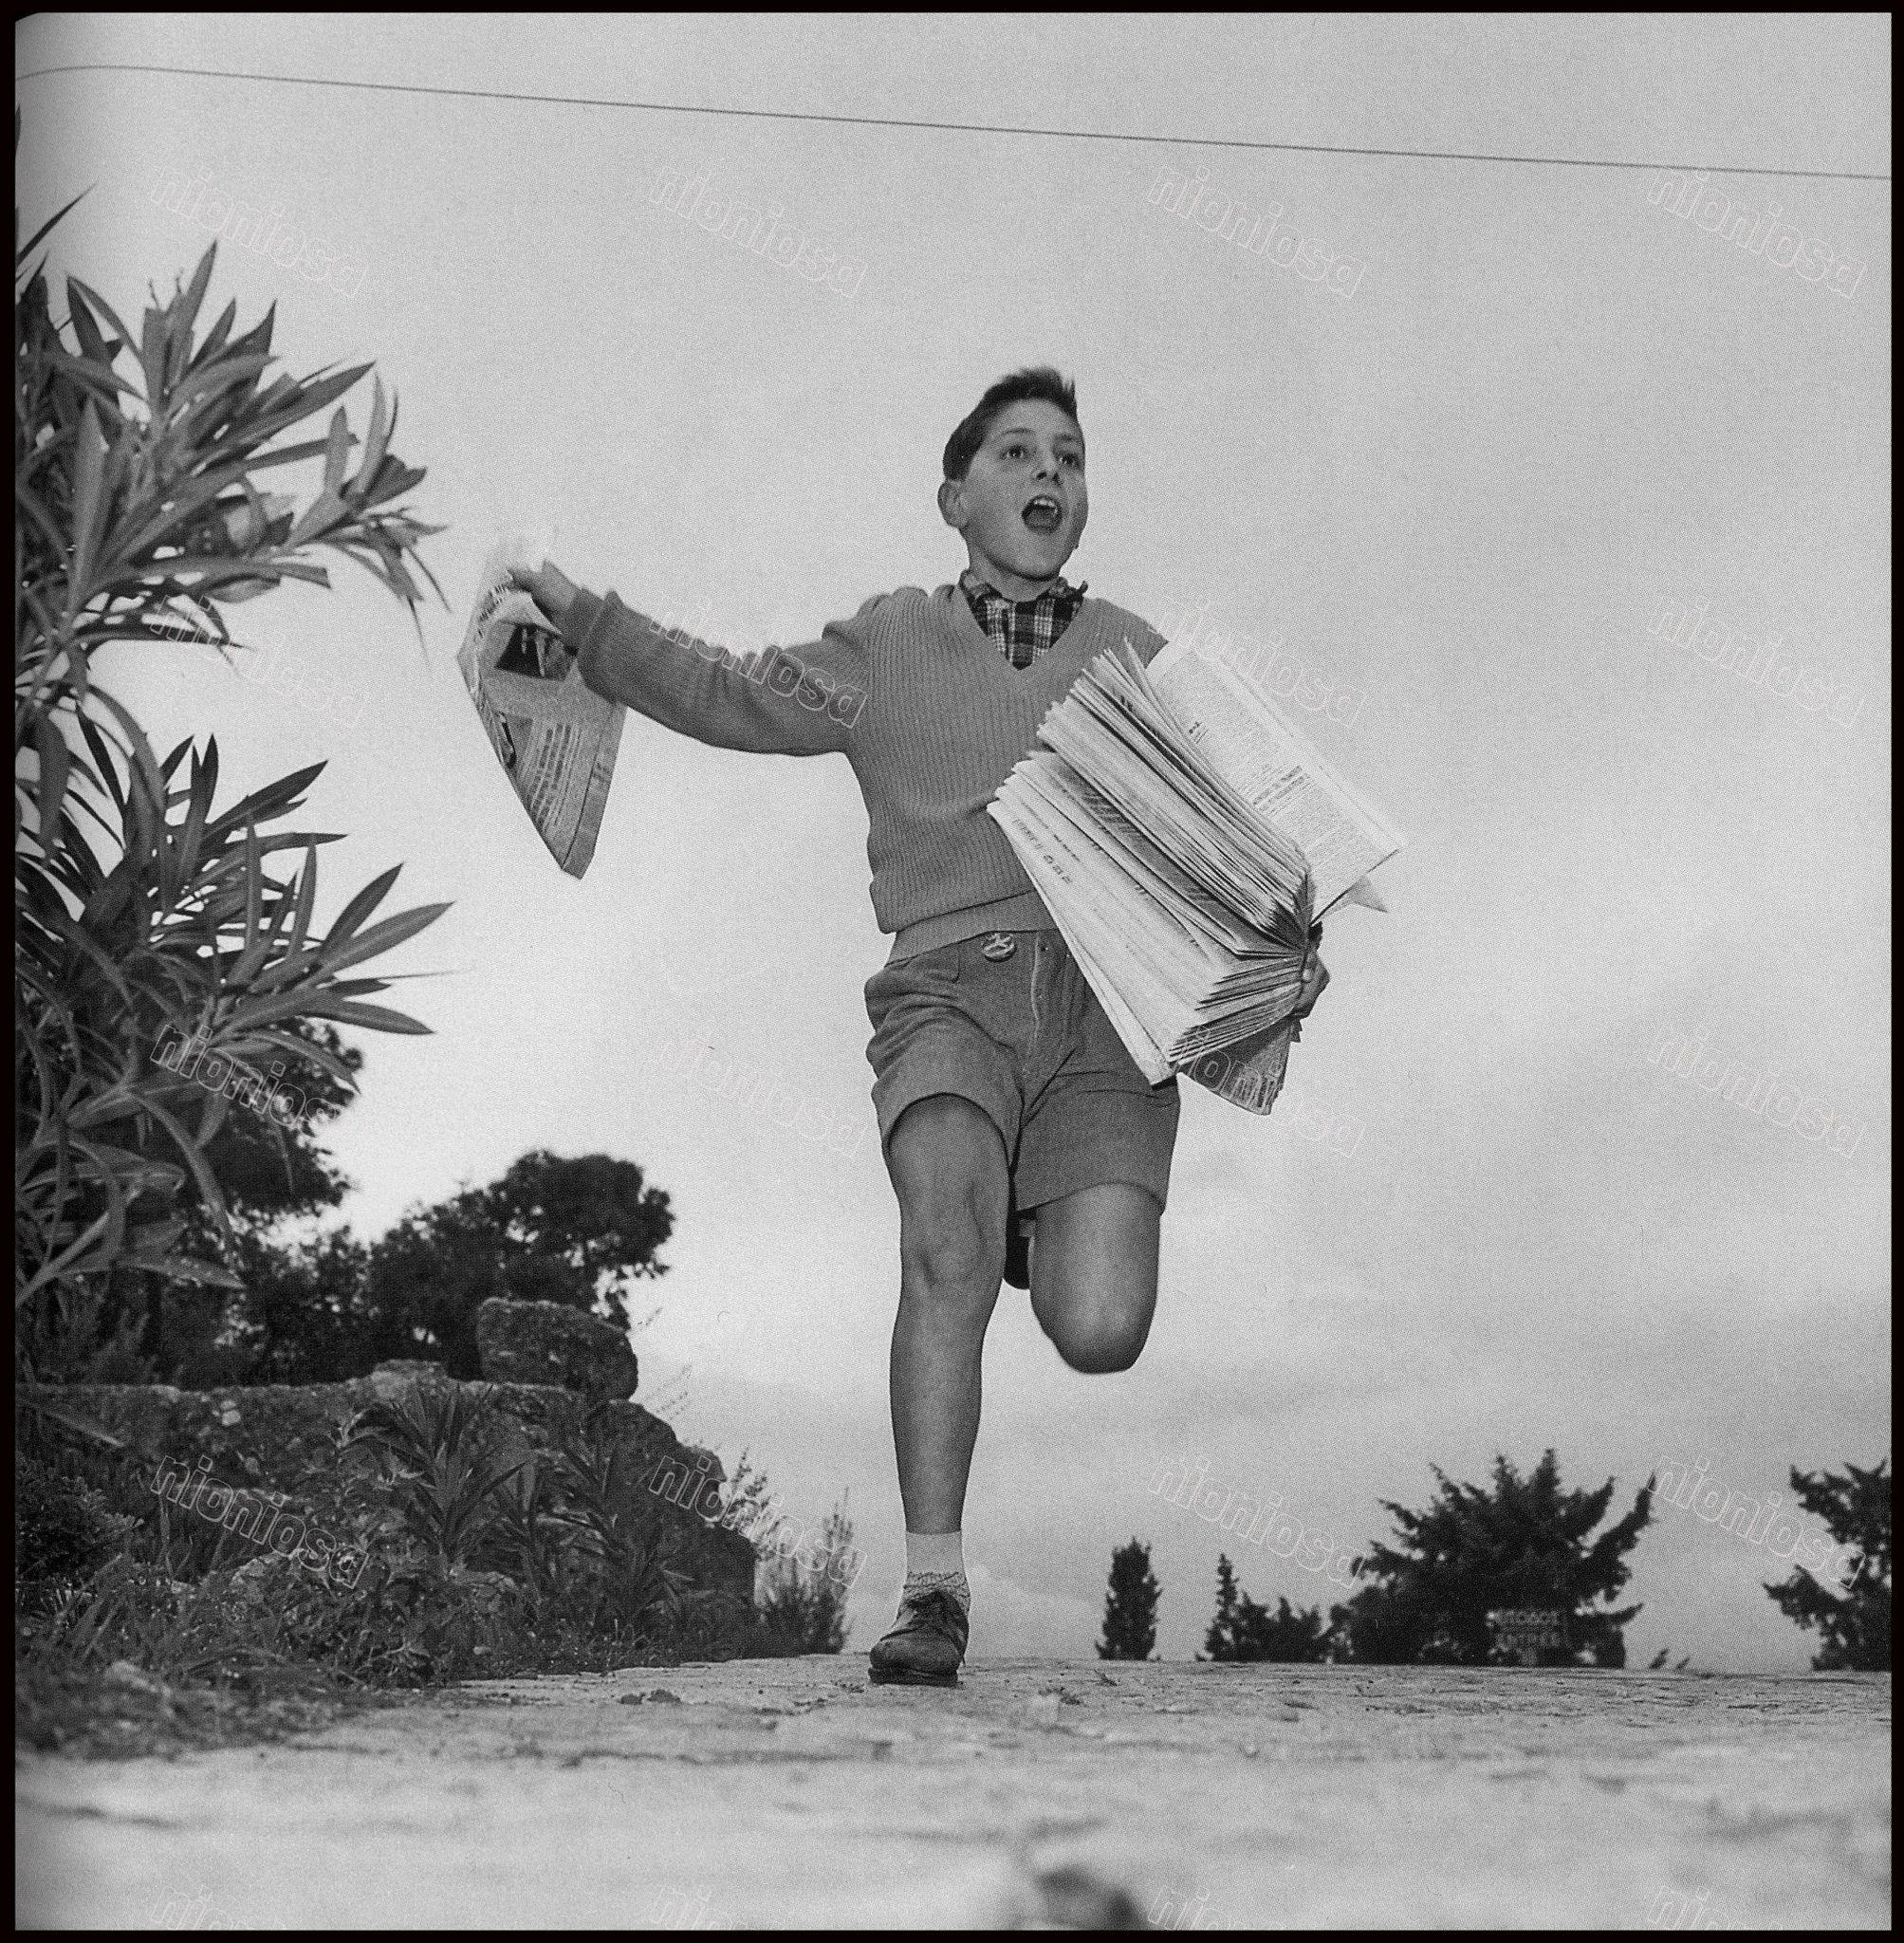 Μικρός εφημεριδοπώλης, Αθήνα, 1961. Φωτογραφία: Δημήτρης Χαρισιάδης/Αρχείο Μουσείου Μπενάκη. | Photo, Athens greece, Greek town